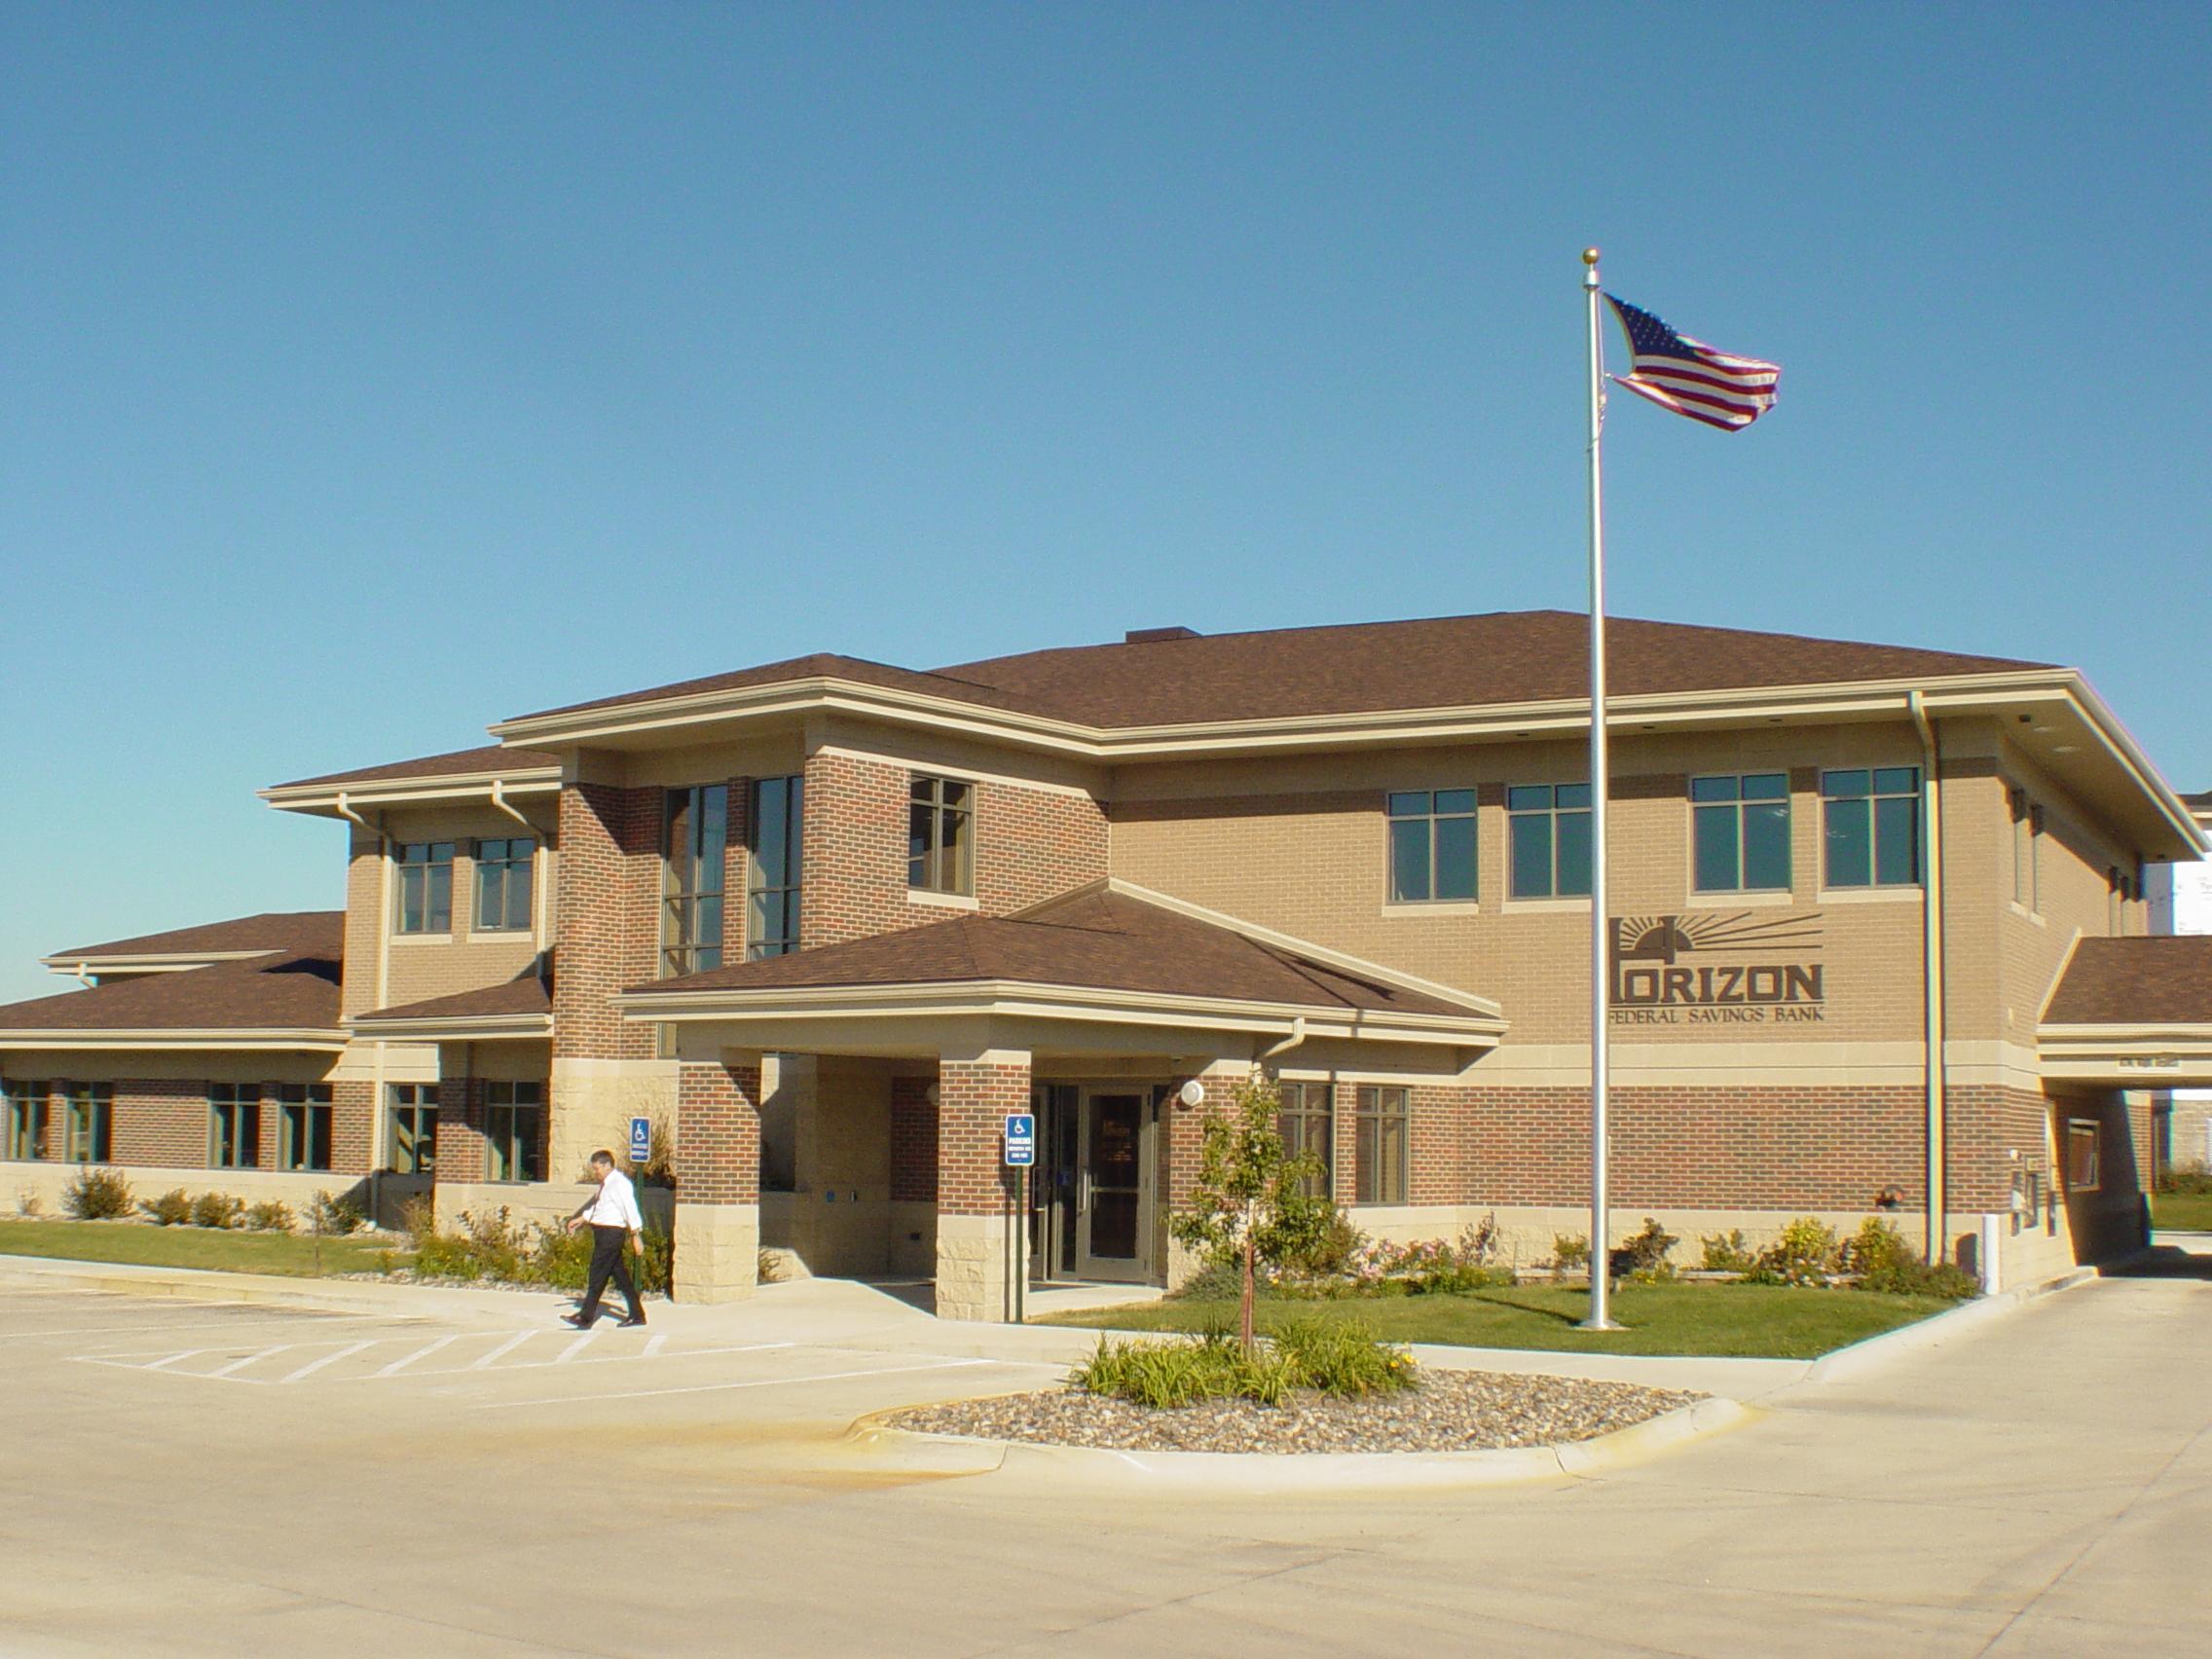 Horizon Bank Facade – Curtis Architecture